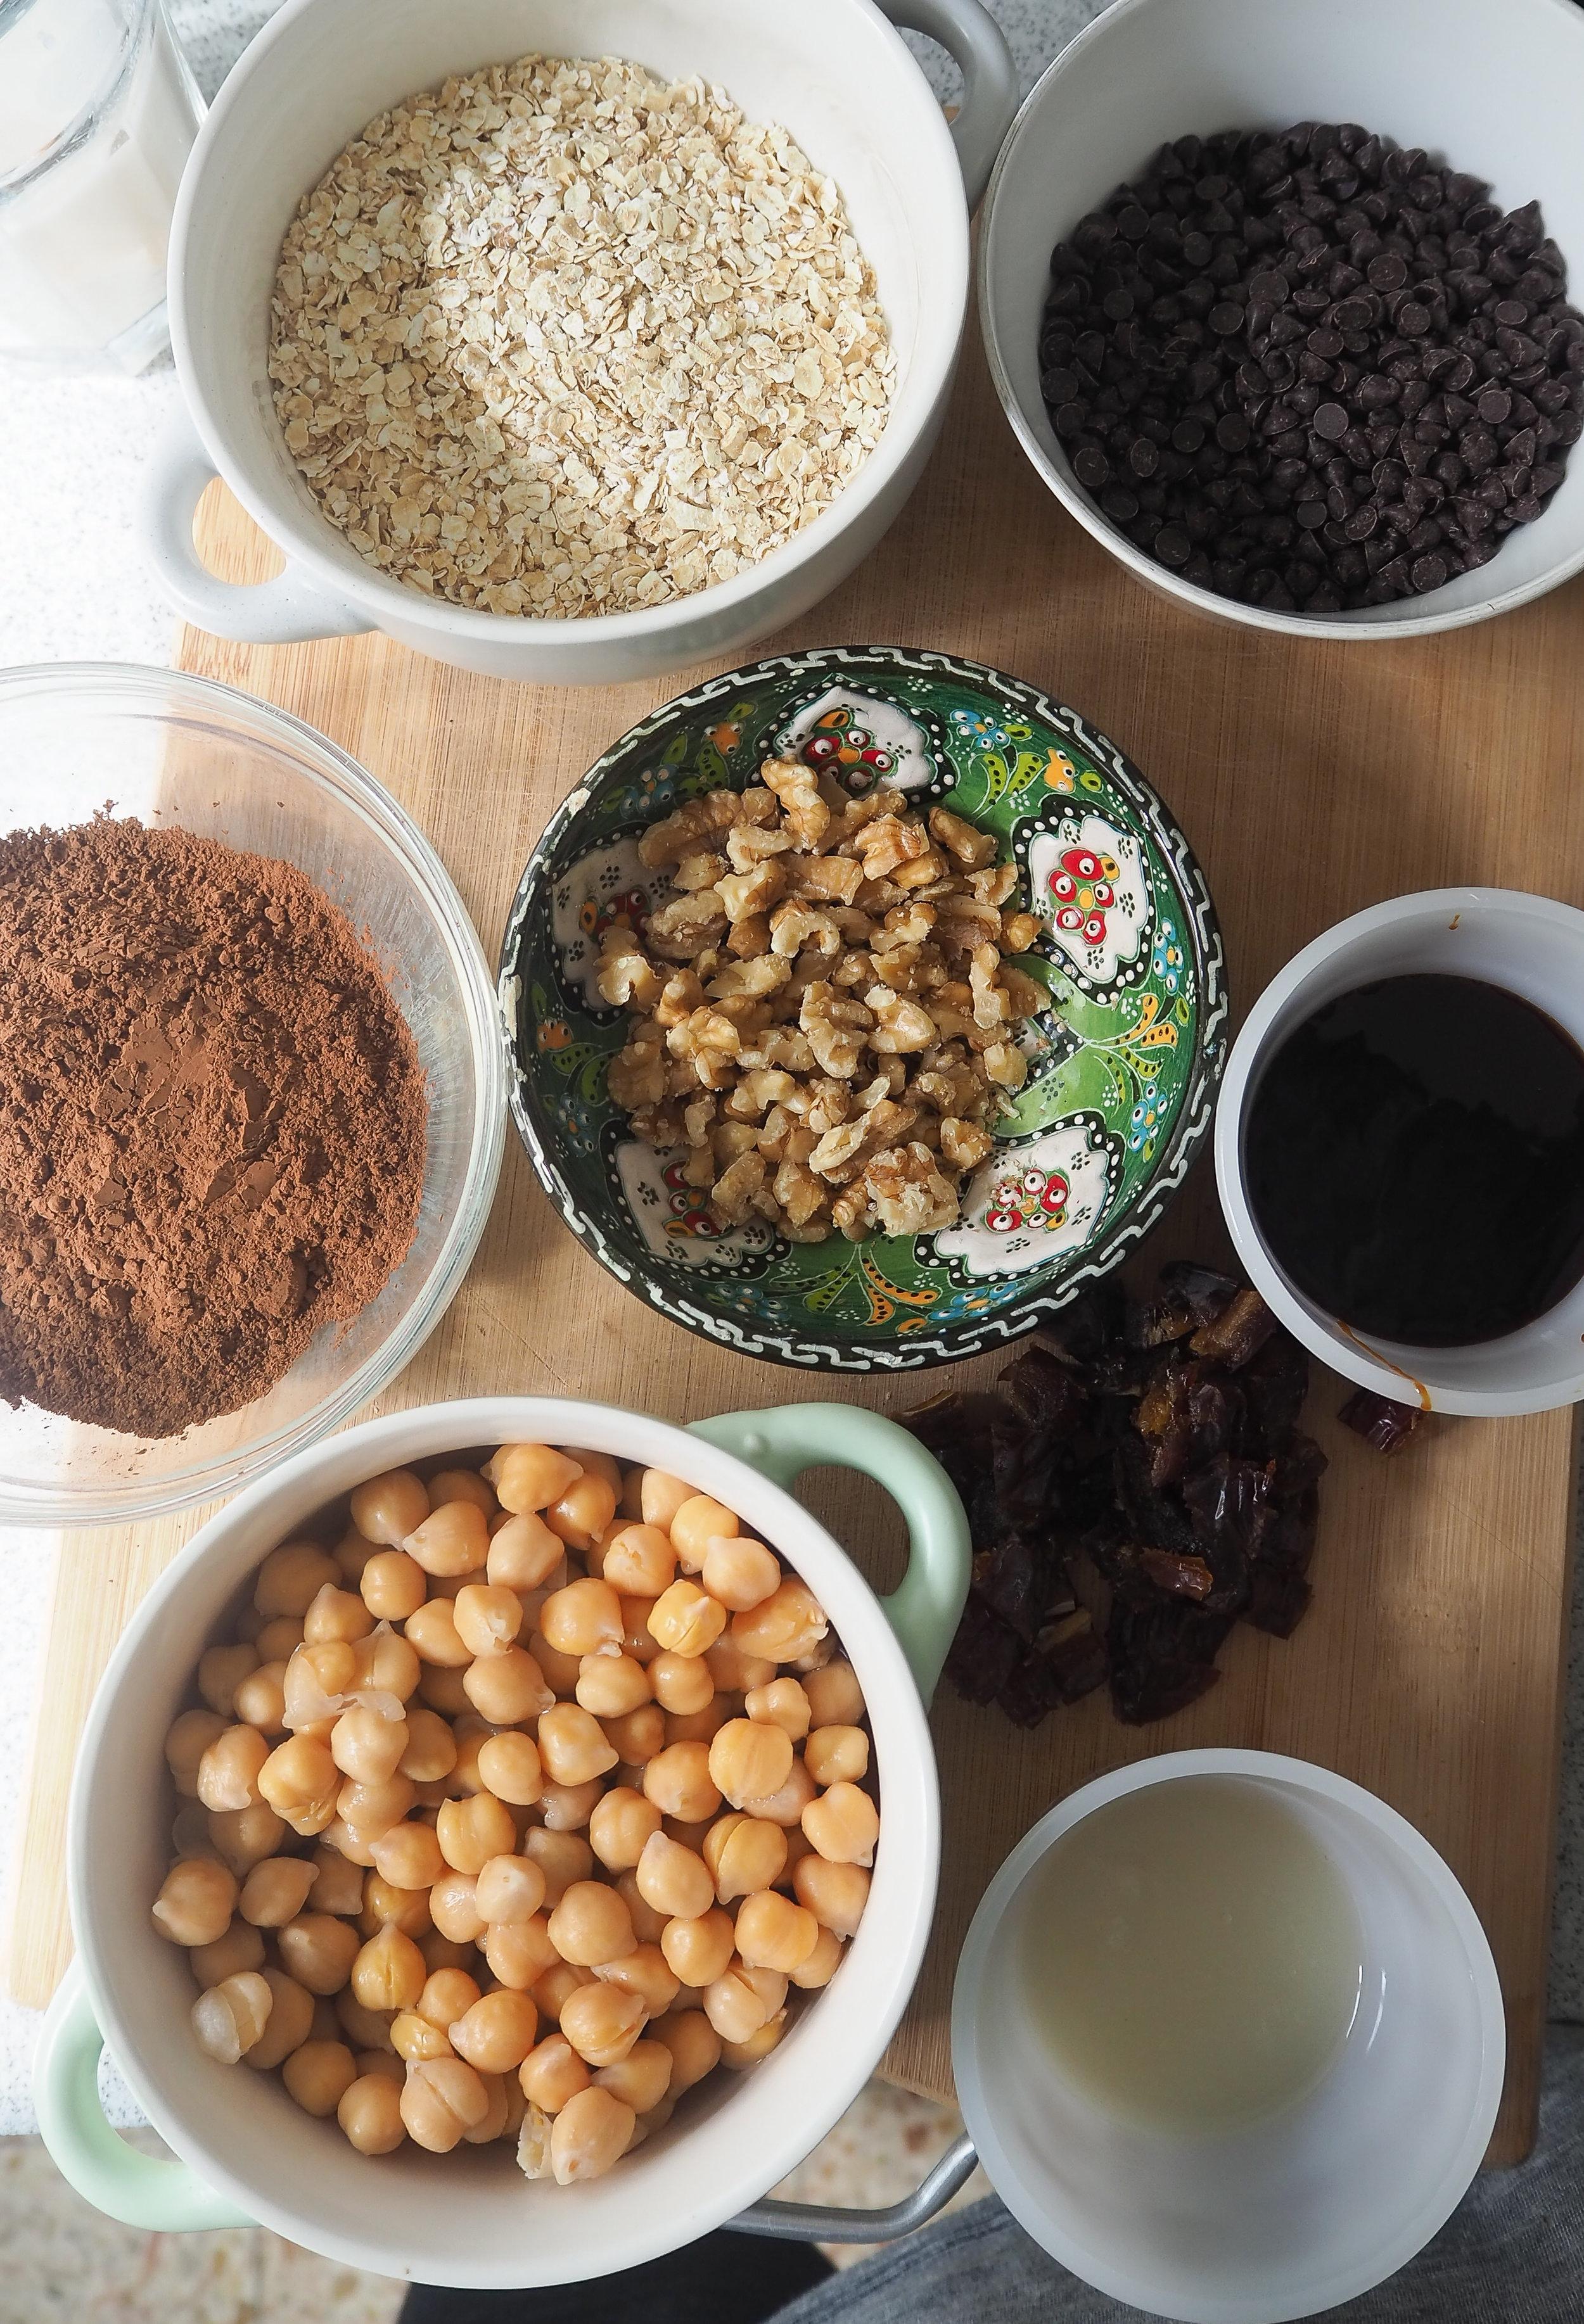 Plant-Based Brownie Ingredients